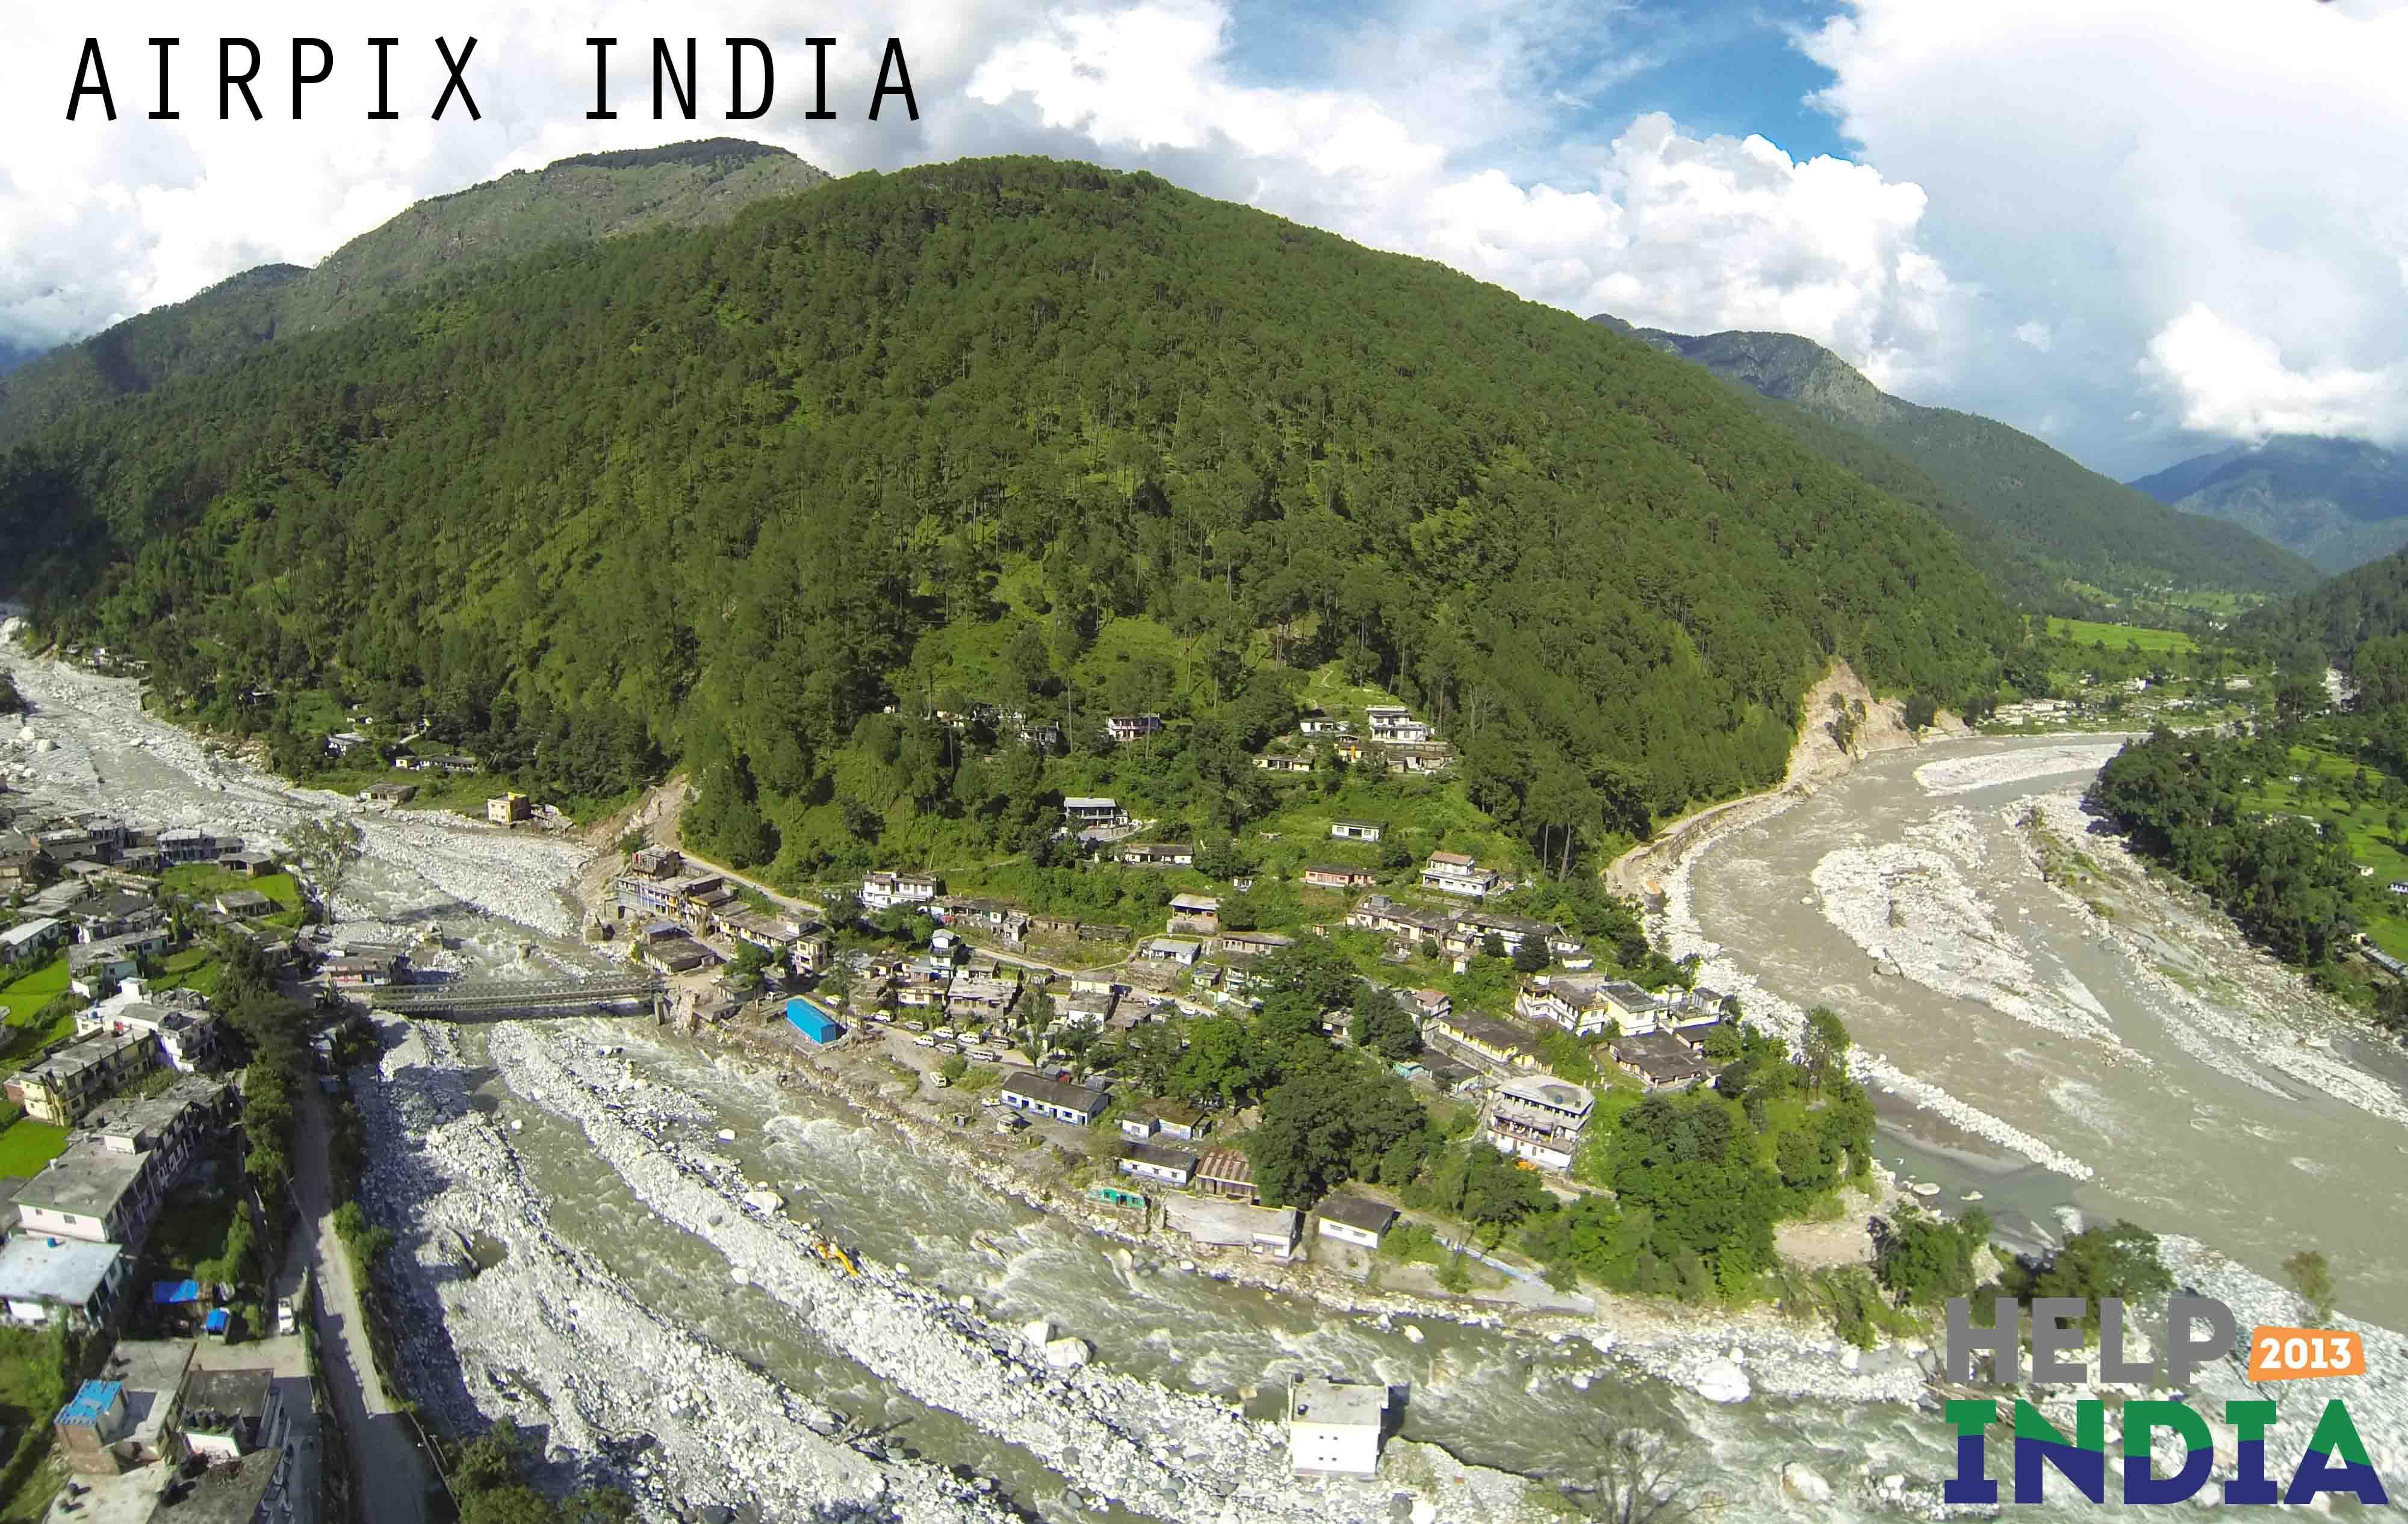 Recent Natural Disaster In Uttarakhand